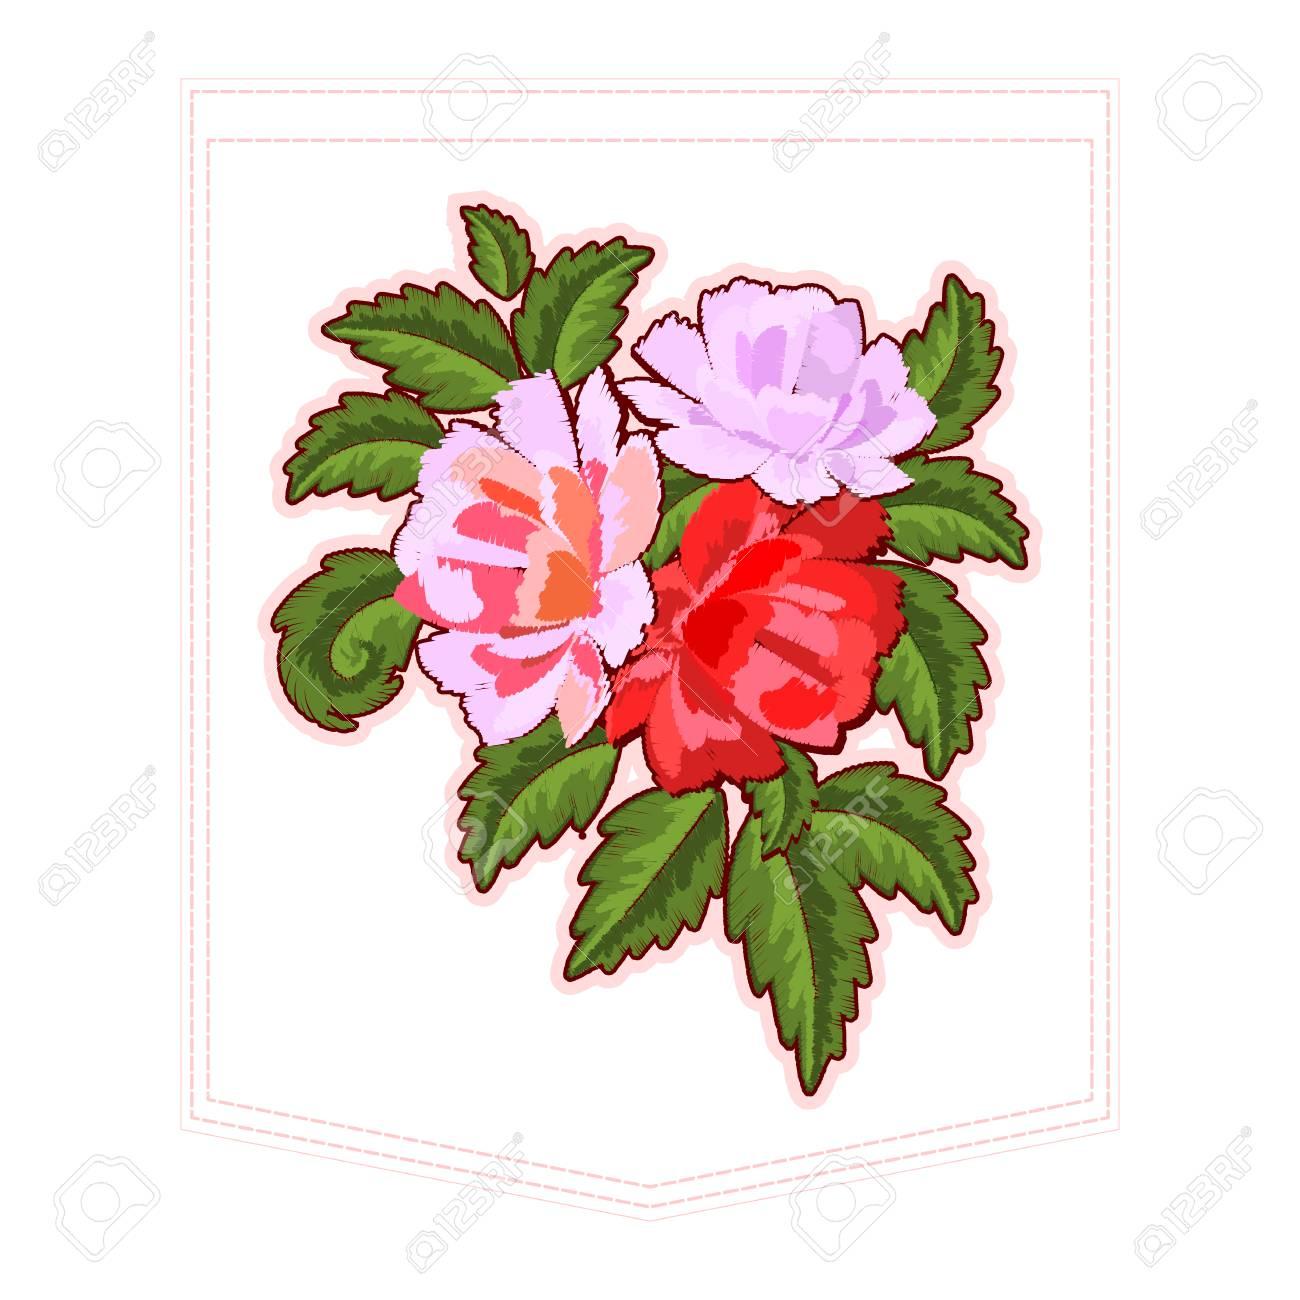 Peonies O Bordado De Rosas Rojas Para El Bolsillo De La Ropa. Patrón ...